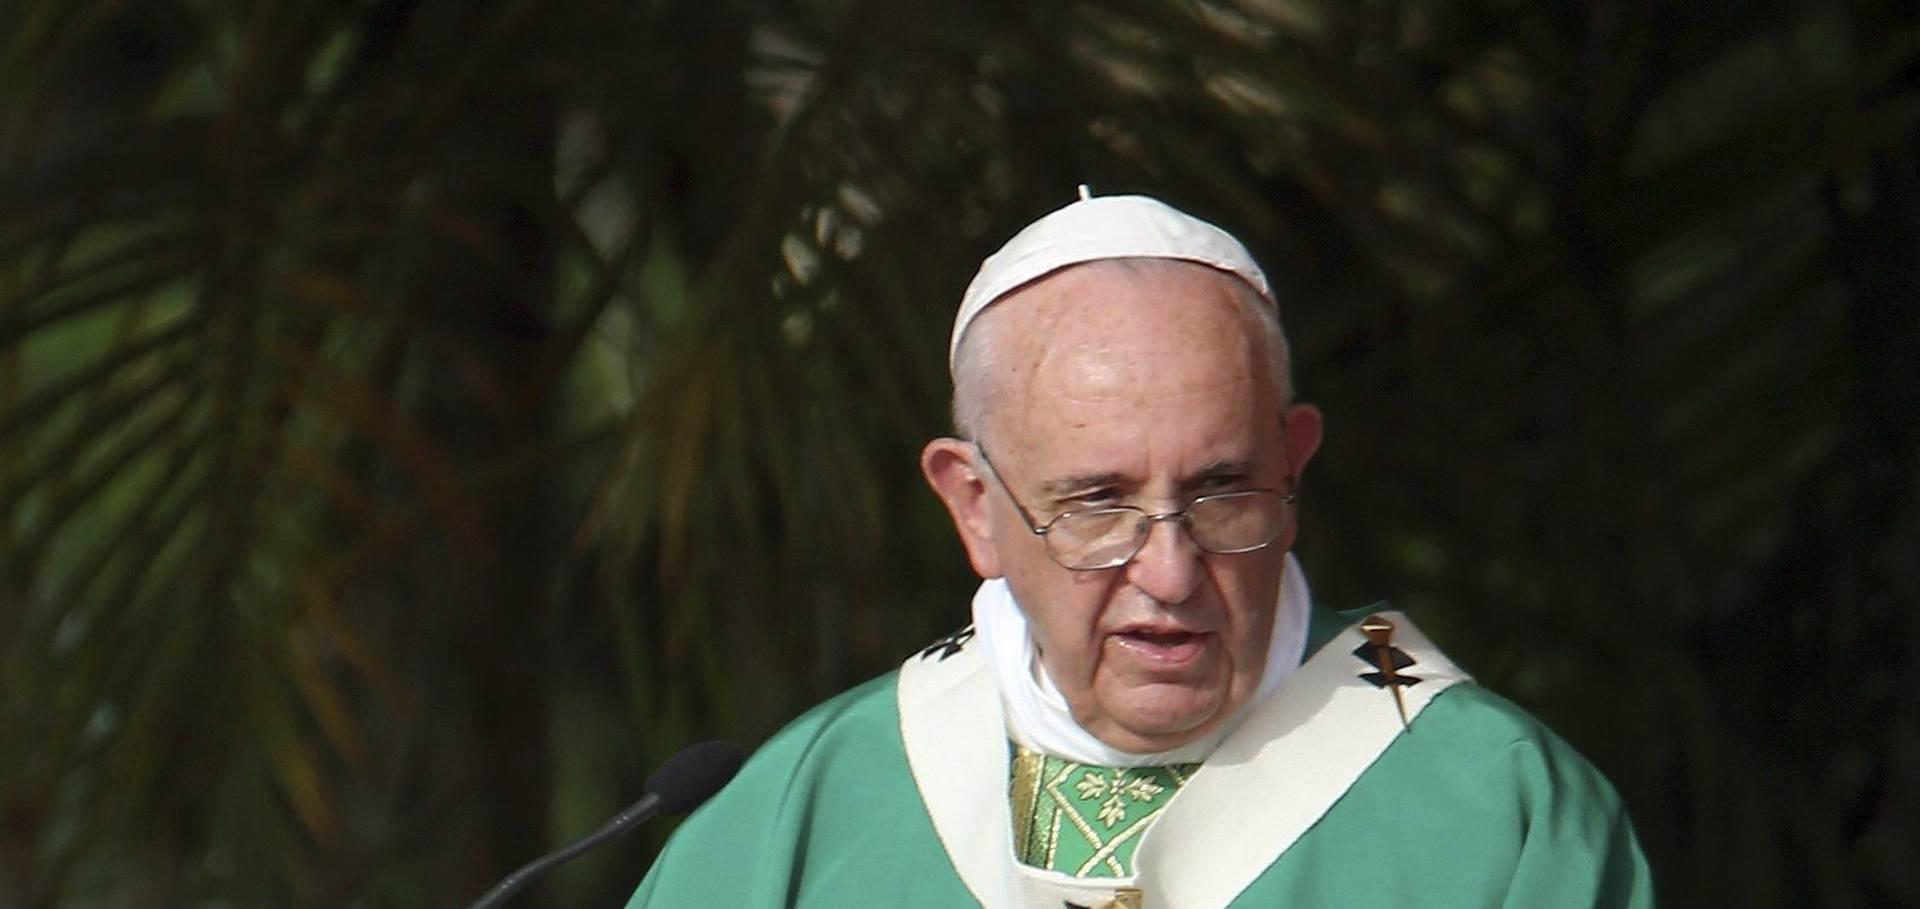 NAKON EMOTIVNOG BORAVKA NA KUBI: Papa stiže u SAD